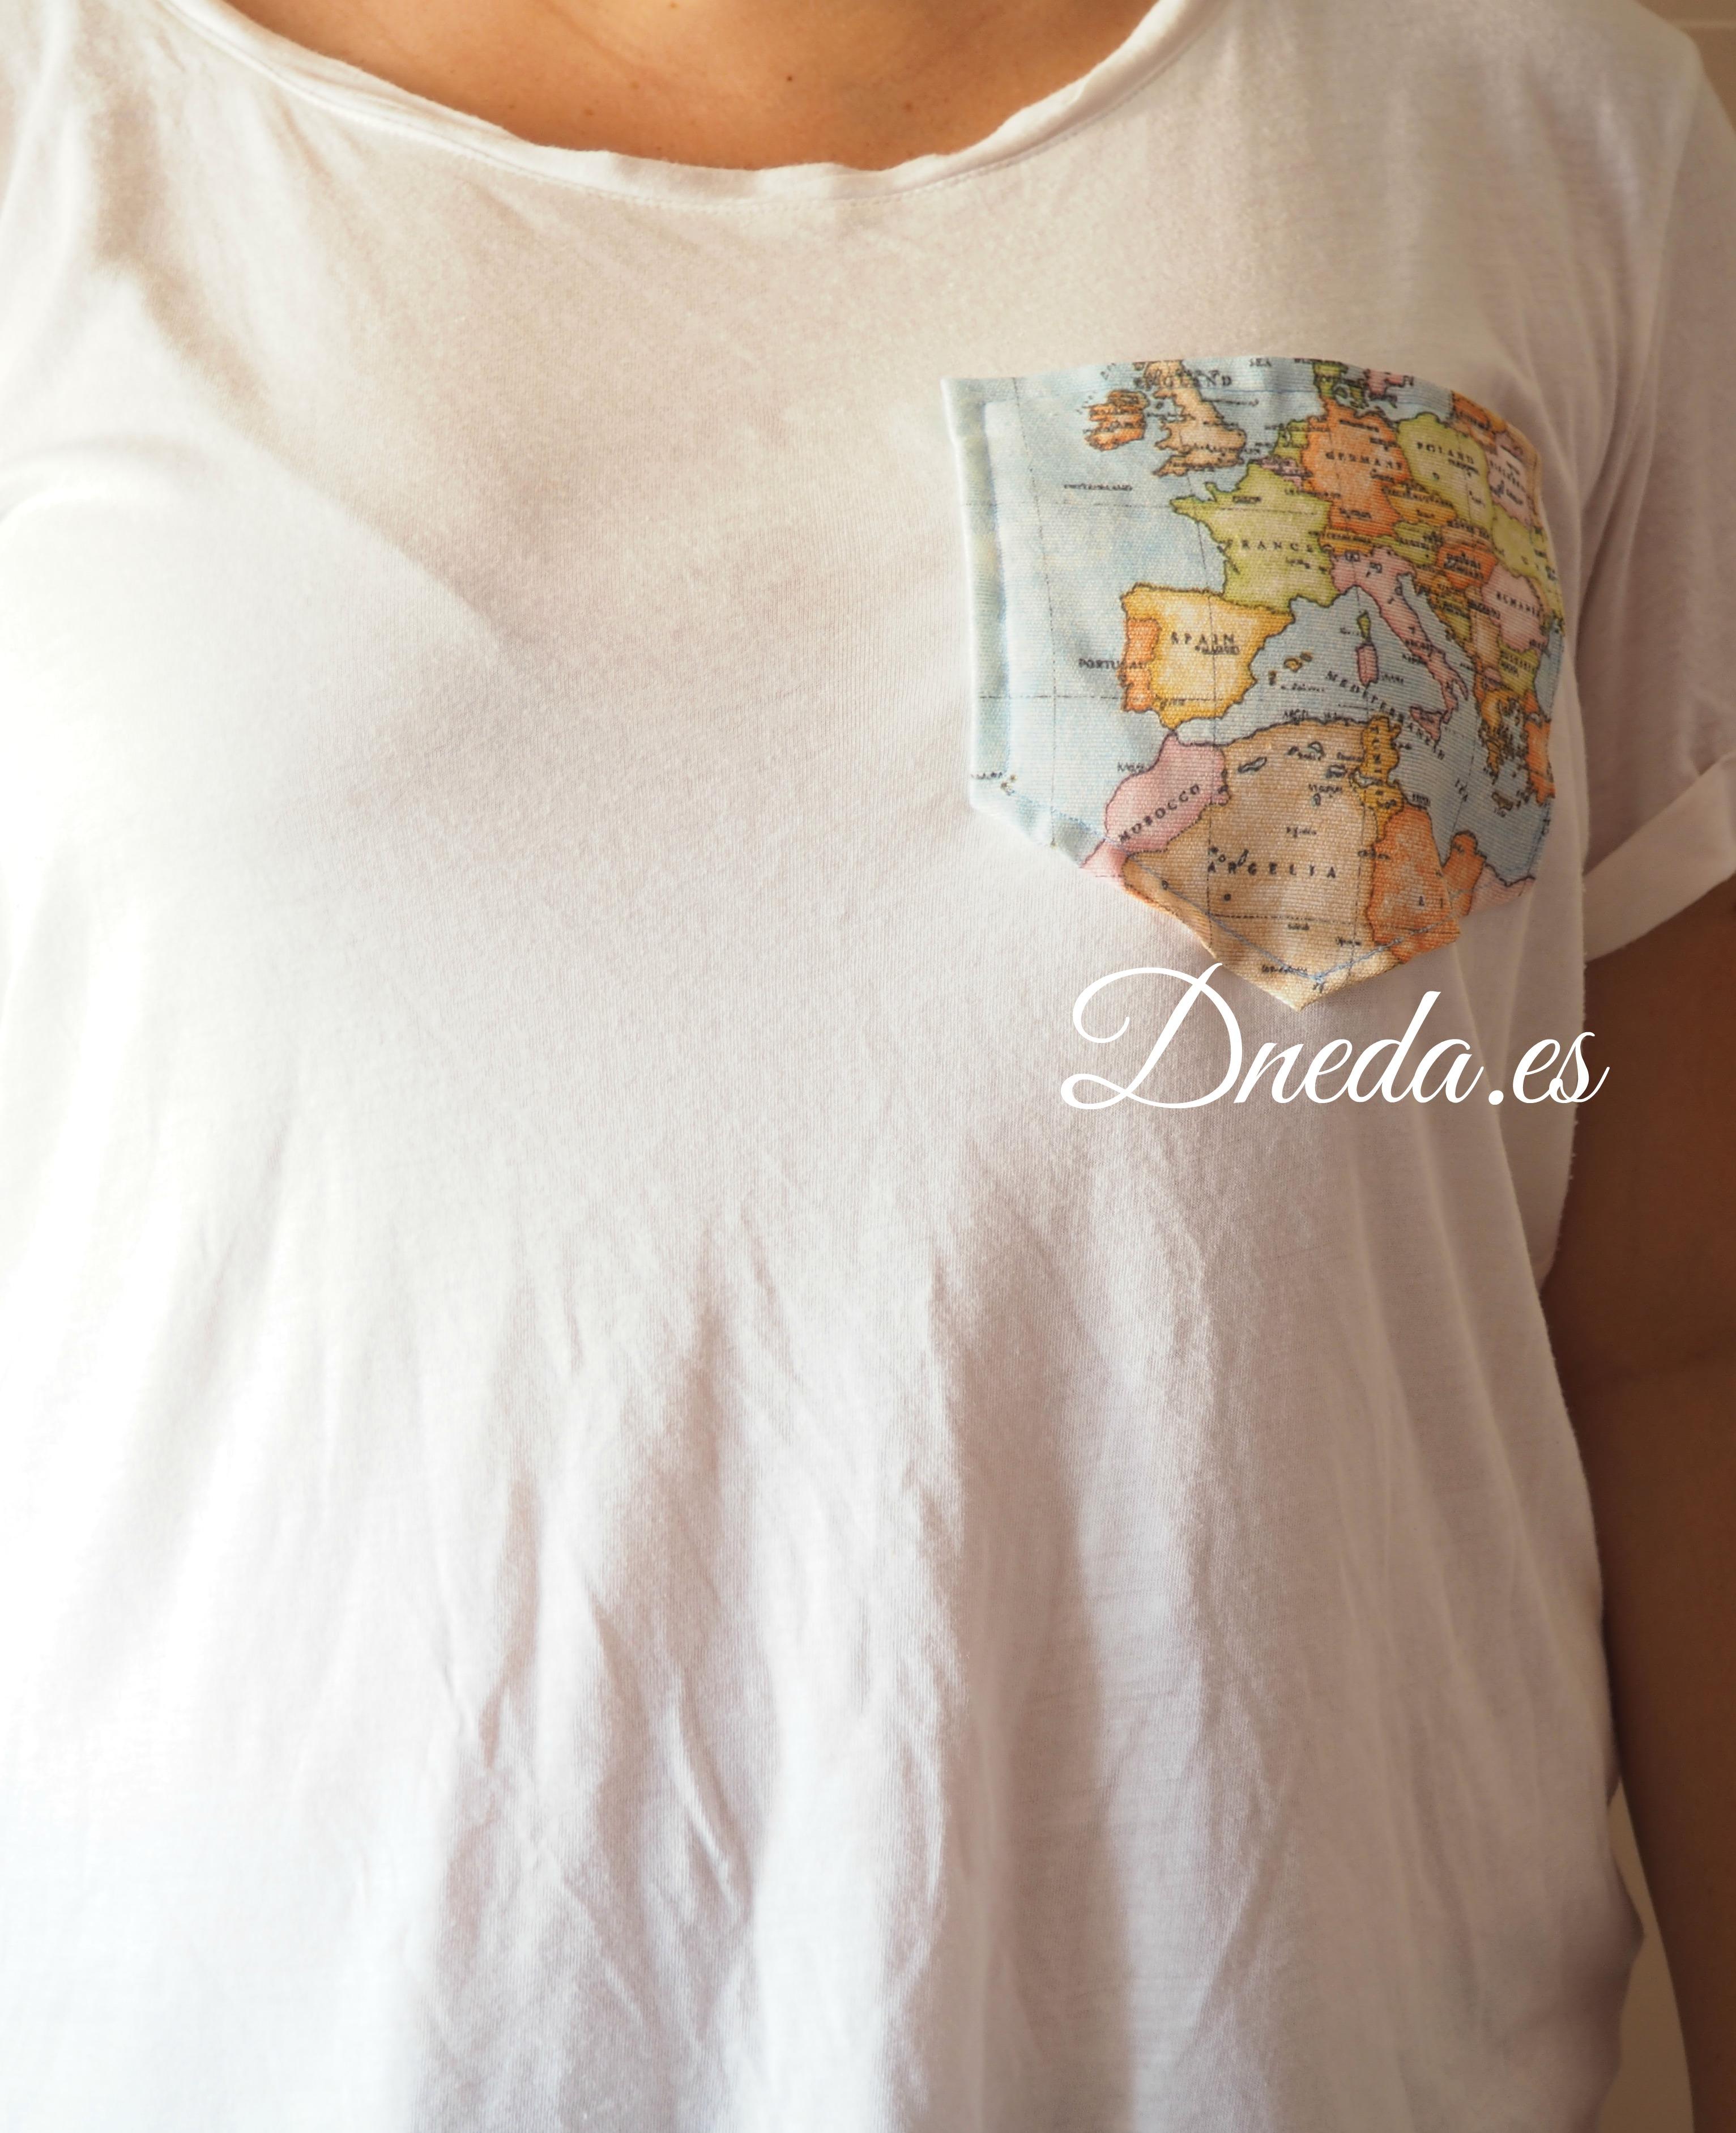 Como hacer un bolsillo a una camiseta | Dneda